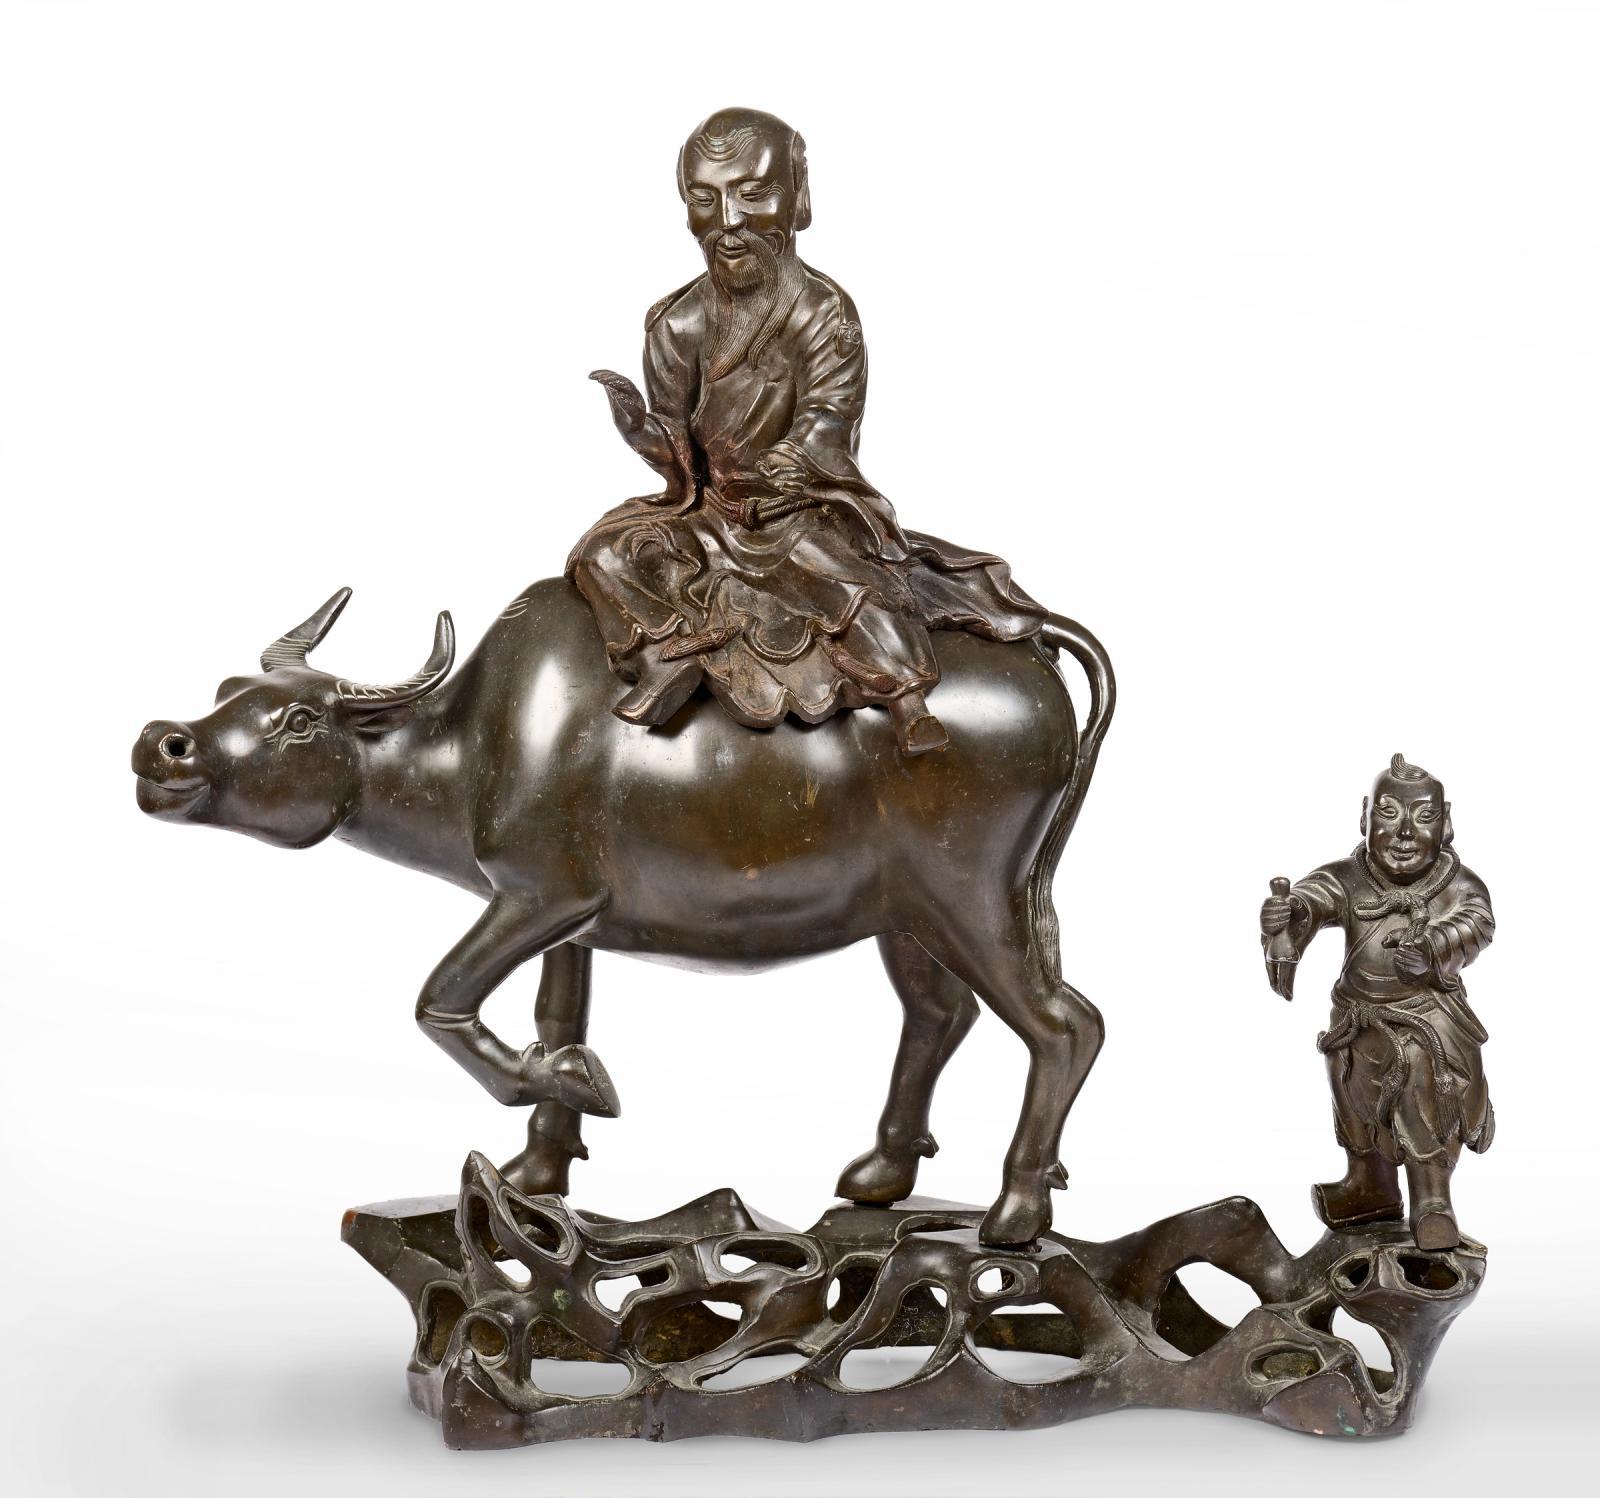 Chine, dynastie Ming, XVIIesiècle. Brûle-parfum en bronze à patine brune, fonte en quatre pièces, représentant Laozi chevauchant un buffle d'eau marc